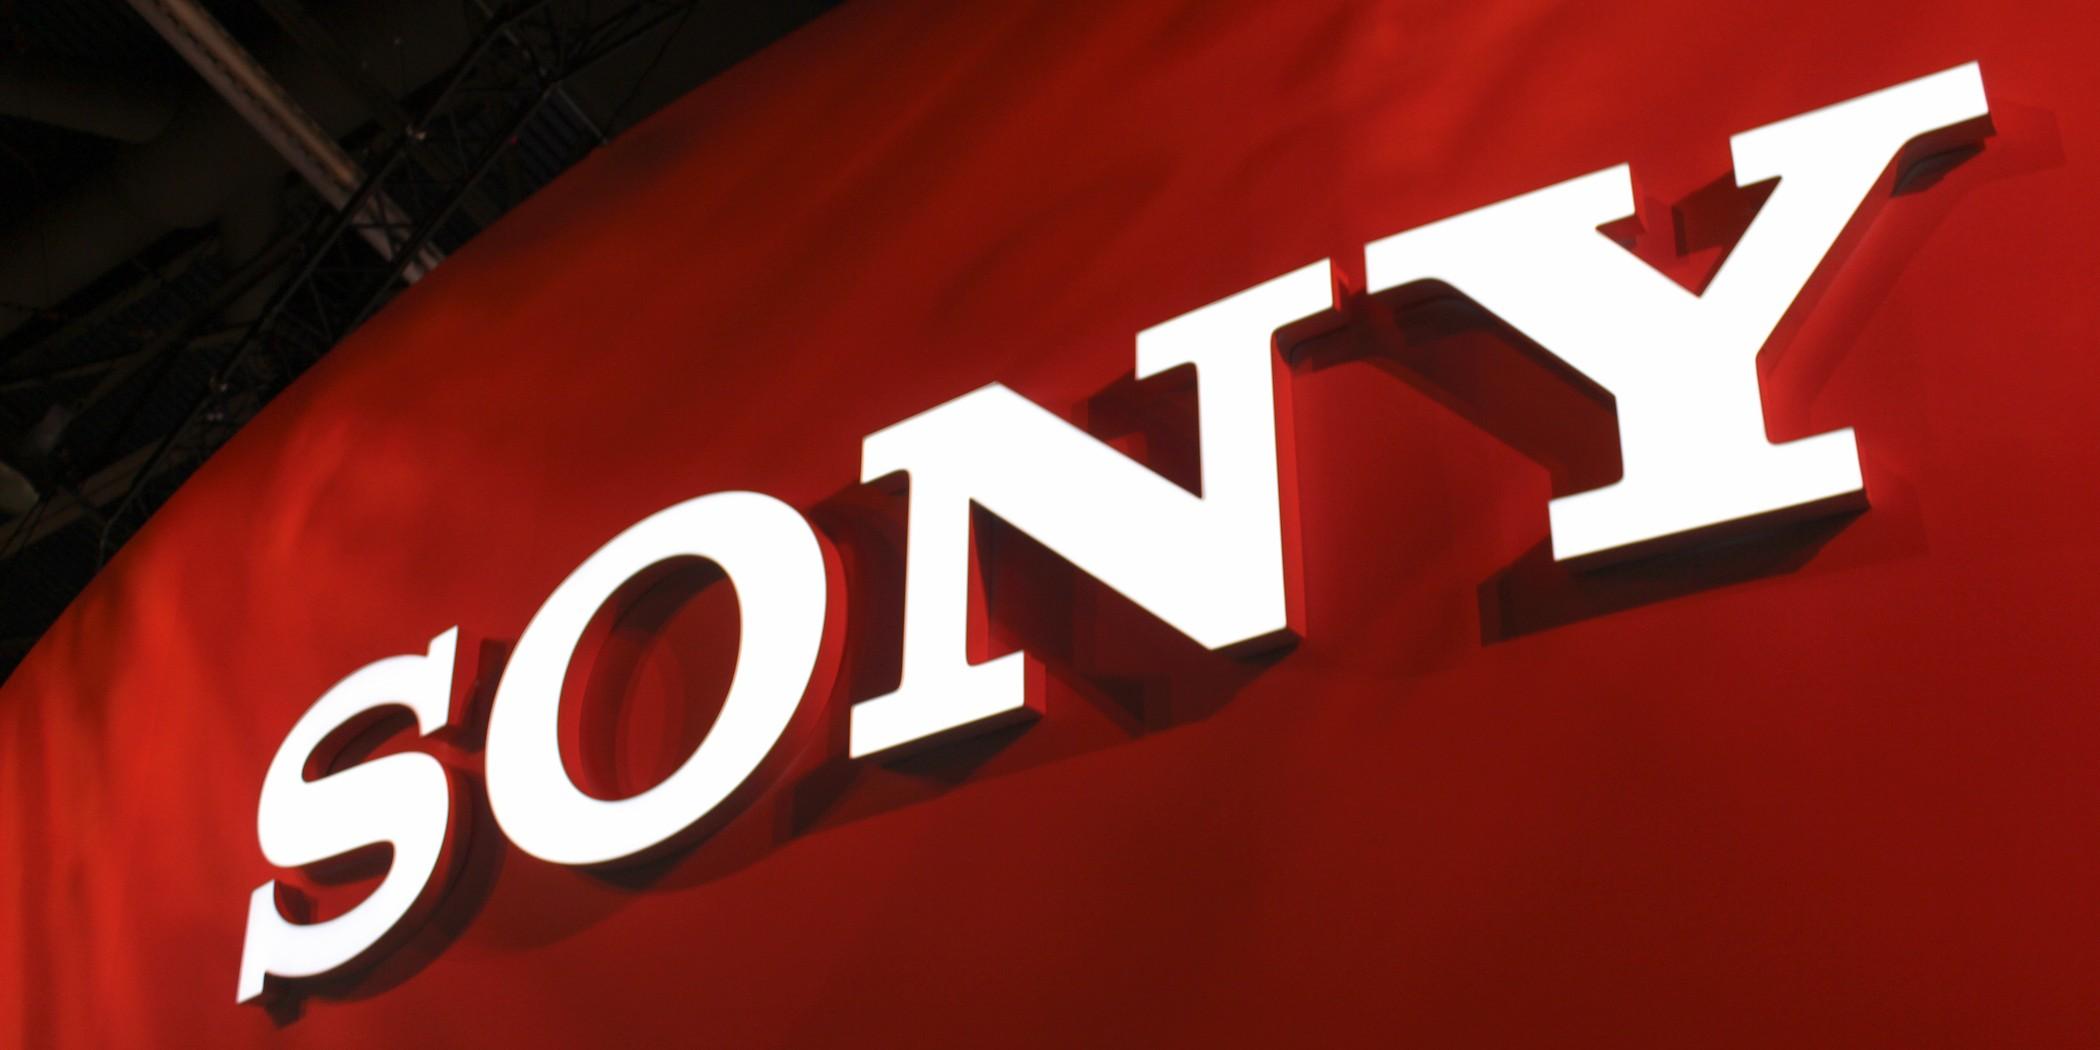 SONY-Brand-Shot-logo-CES-2014-3